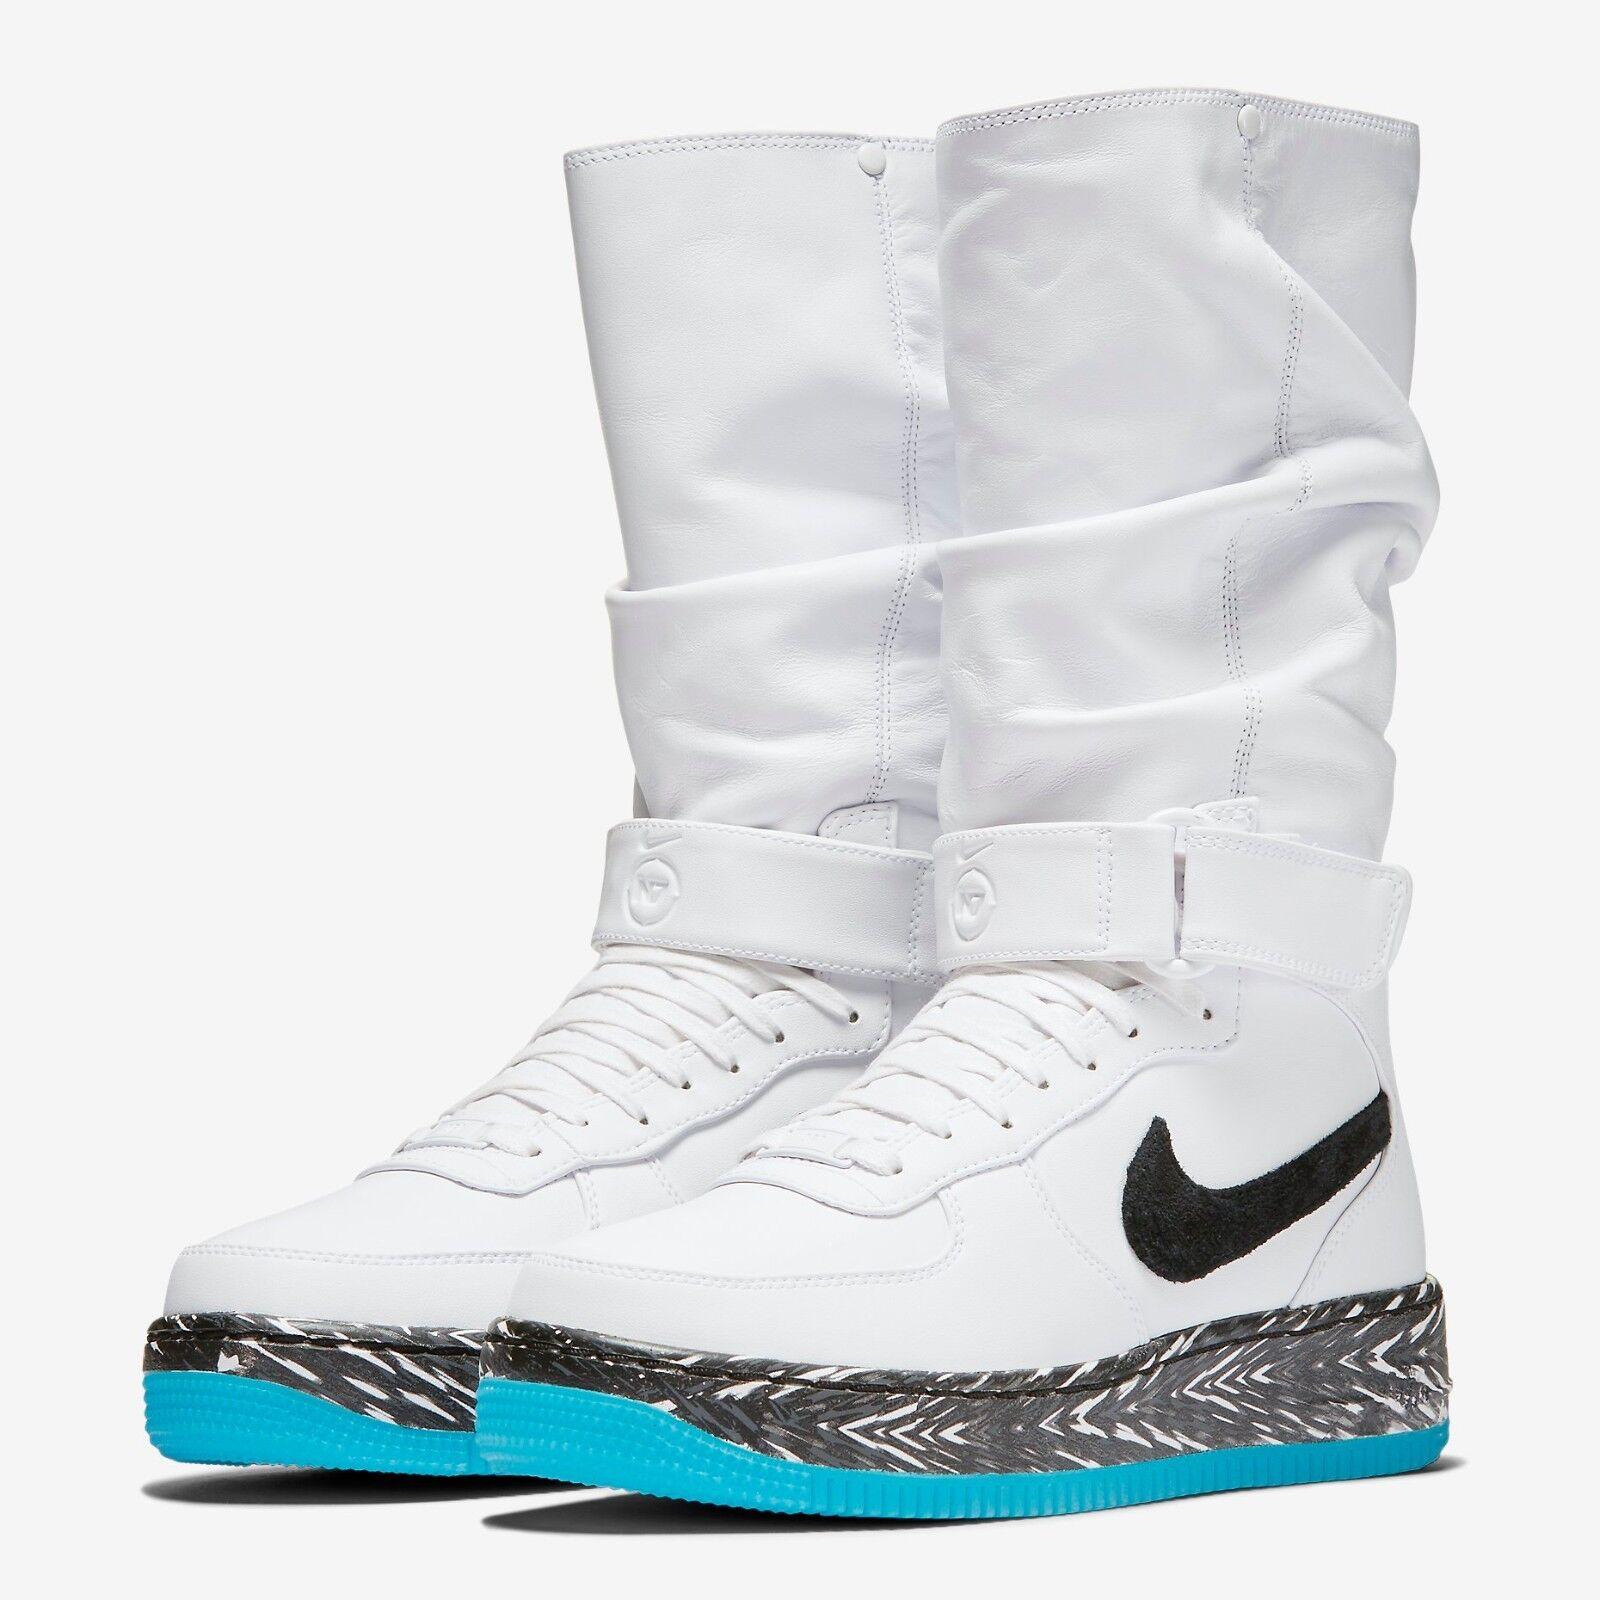 Women's Nike AIR FORCE 1 UPSTEP WARRIOR N7 Sneakerboot, 873308 103 Sizes 5.5-11